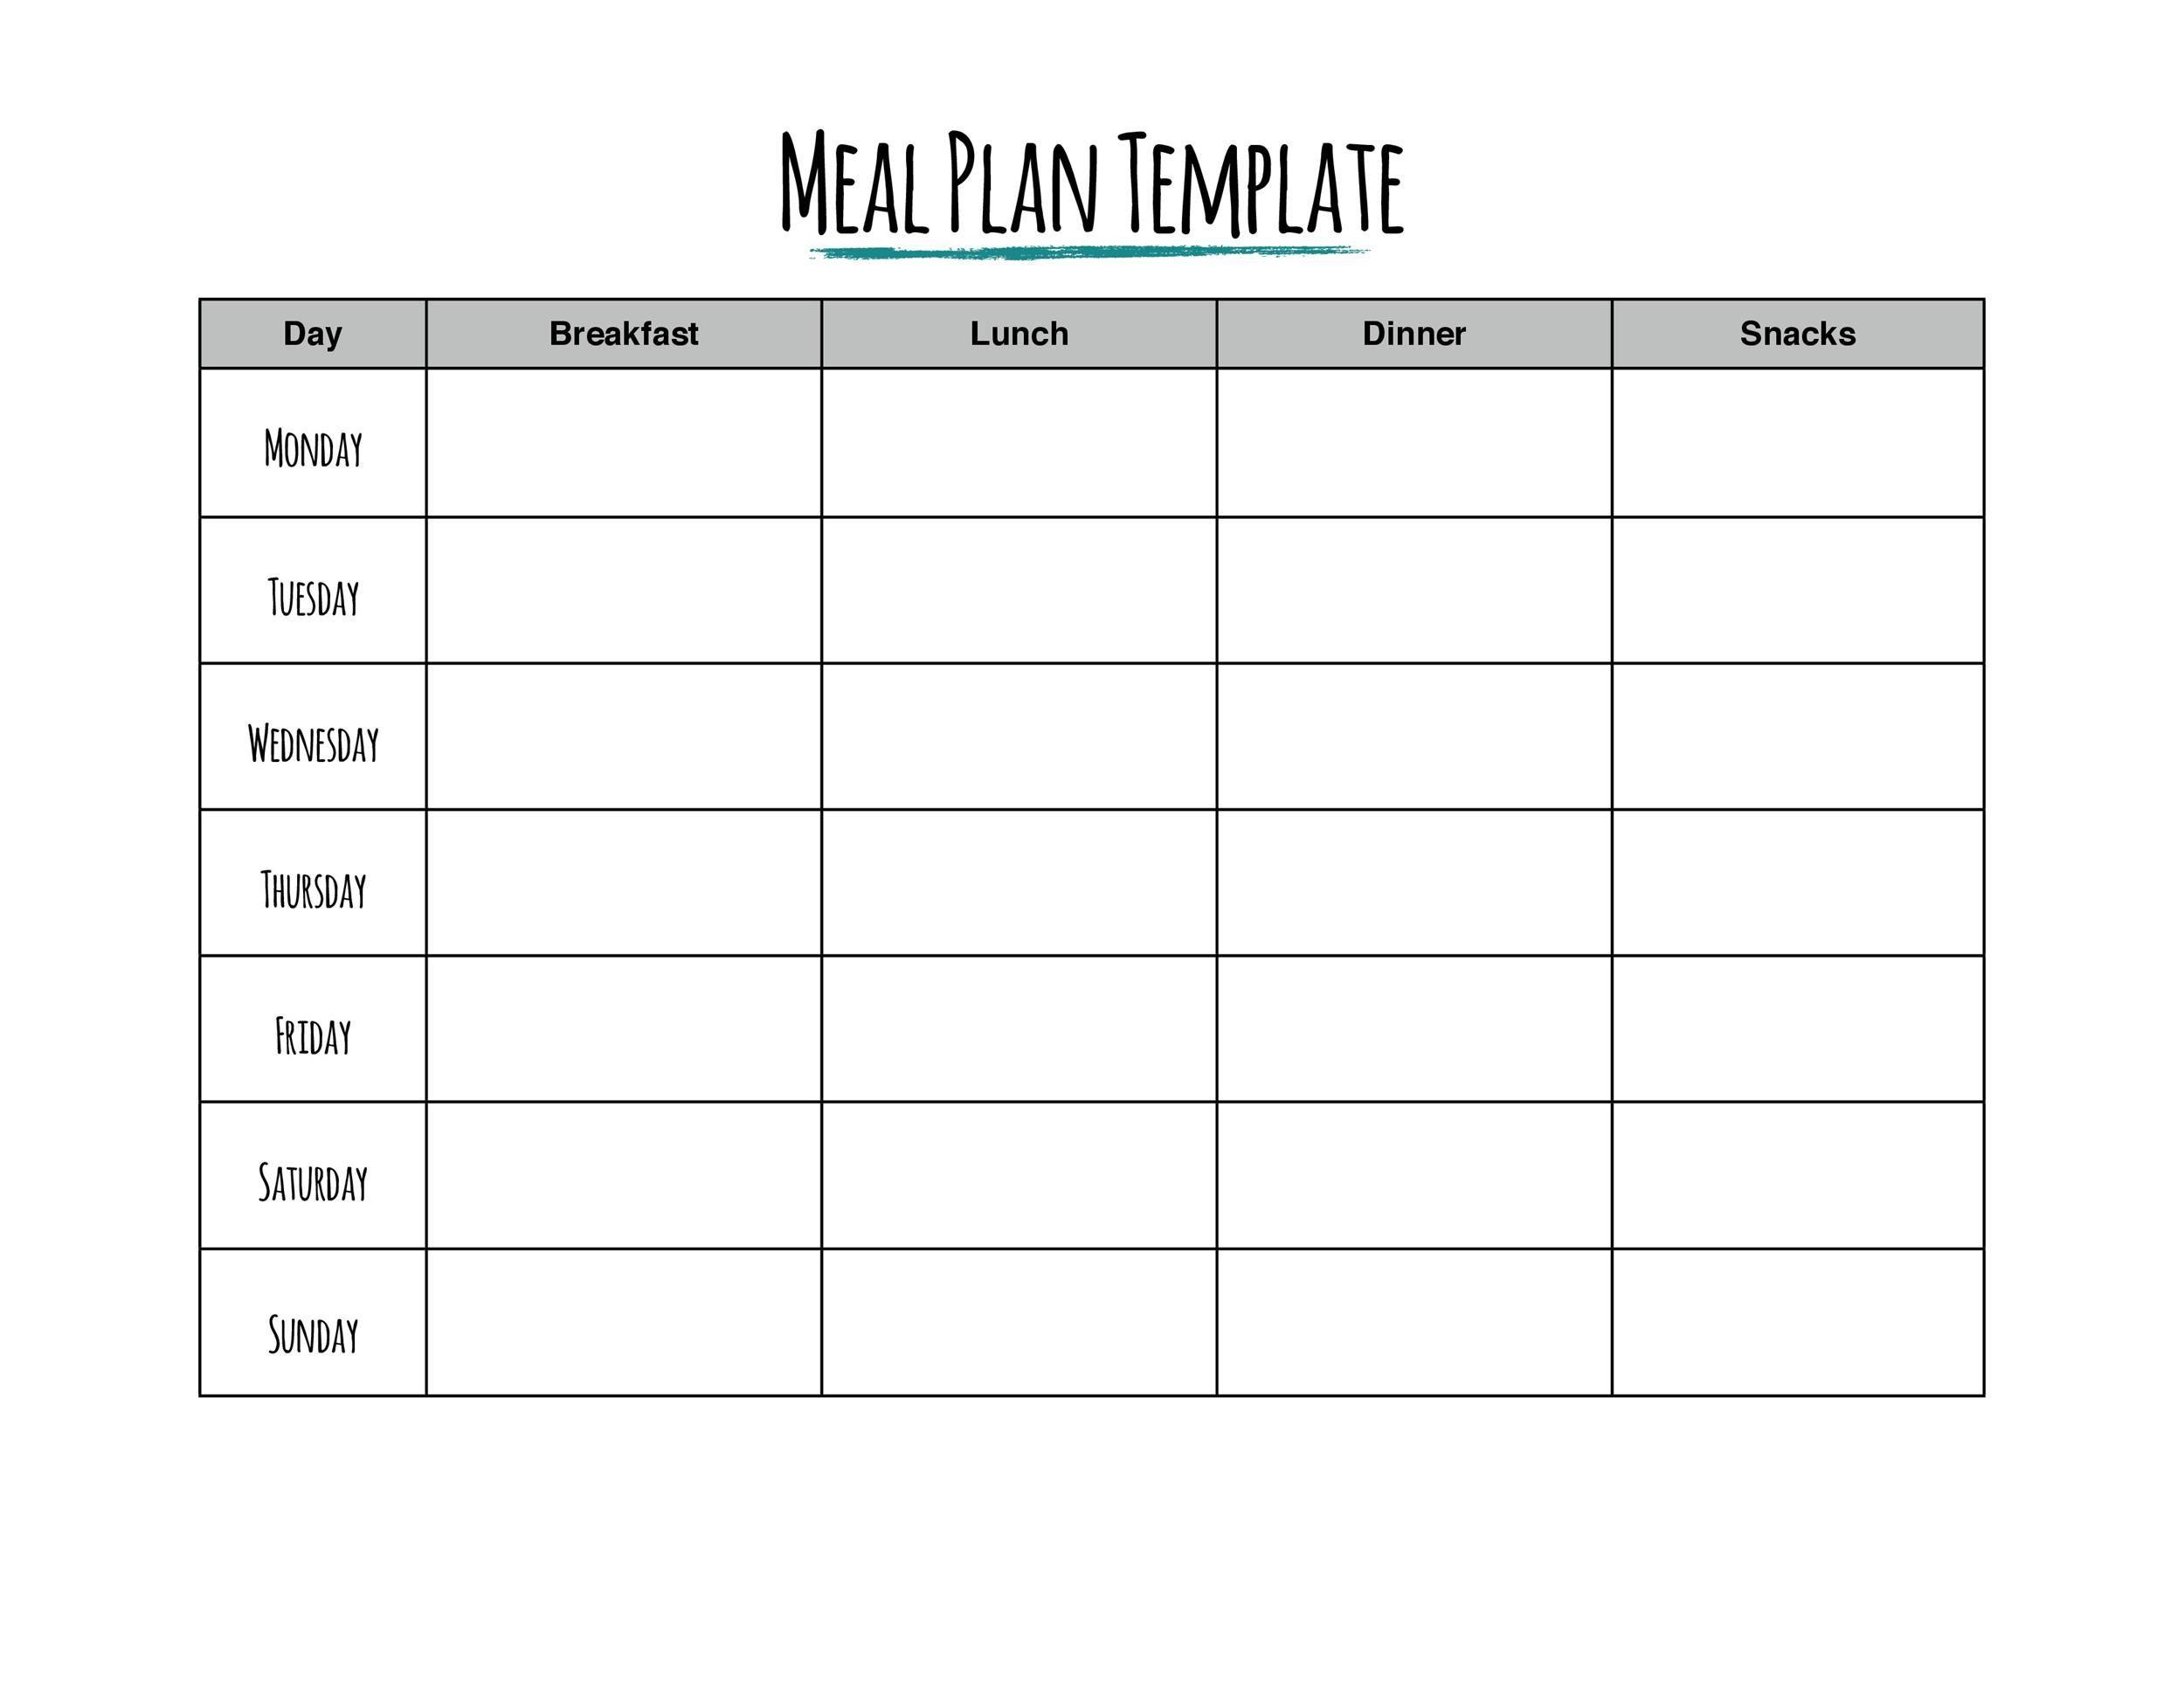 004 Wonderful 2 Week Meal Plan Printable Image Full